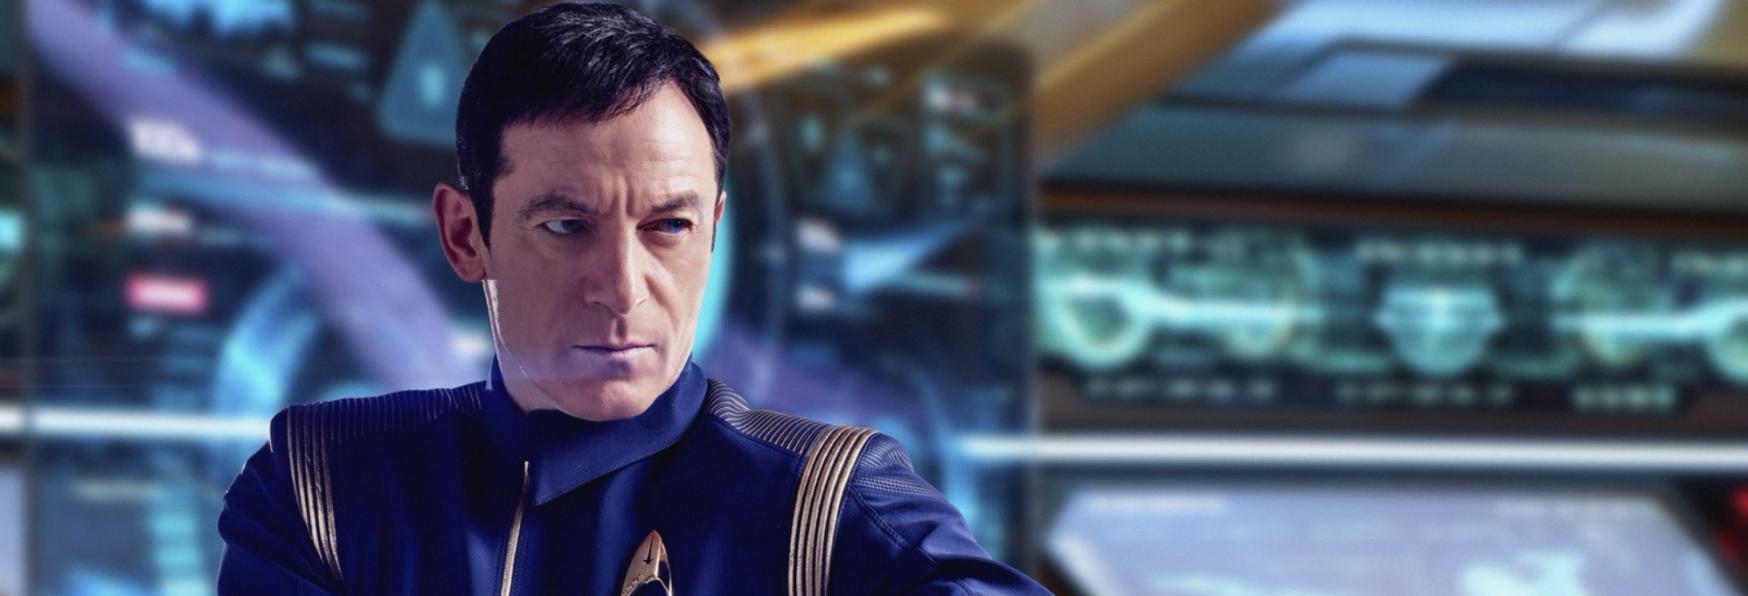 Star Trek: Discovery 3 - Nella nuova Stagione rivedremo il Capitano Lorca di Jason Isaacs?